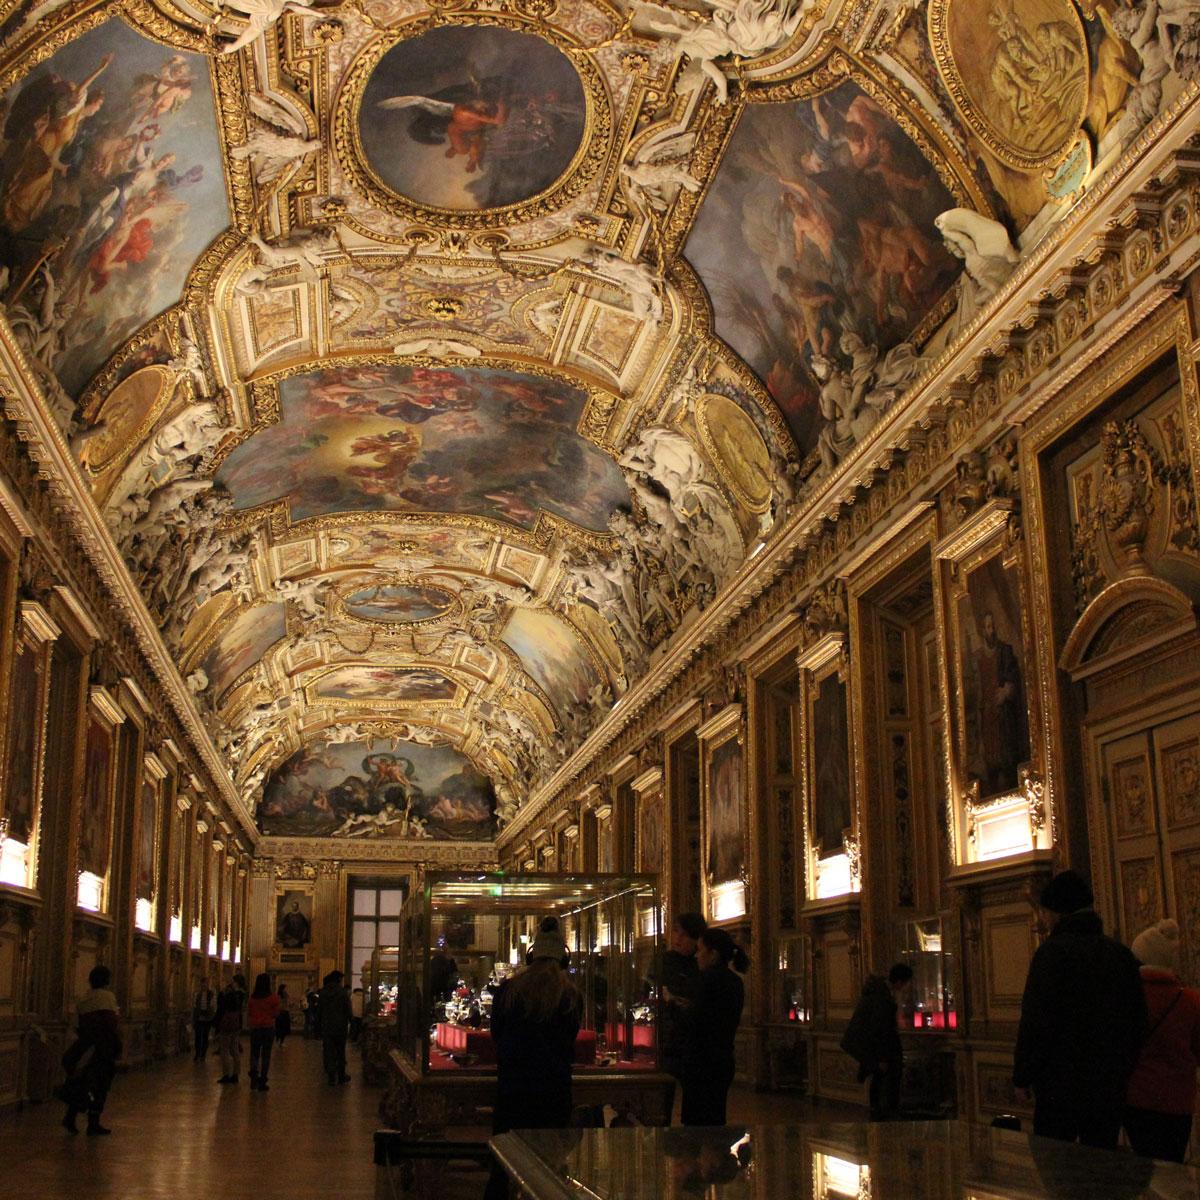 Kronjuwelen im Louvre